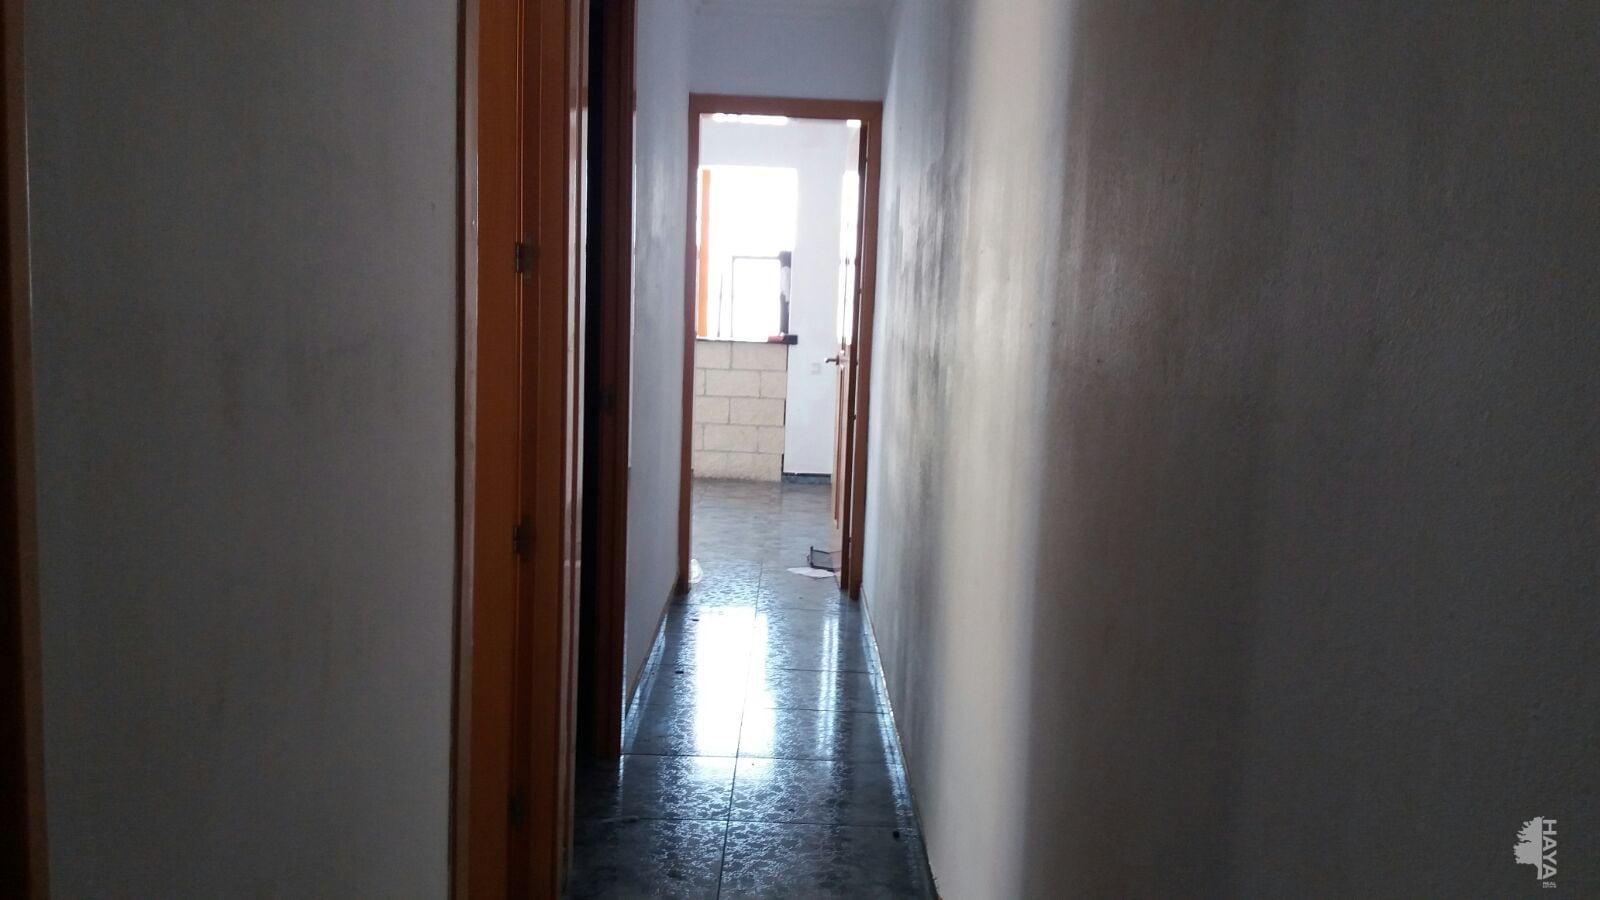 Piso en venta en Tarragona, Tarragona, Calle Ebre, 54.375 €, 2 habitaciones, 1 baño, 71 m2